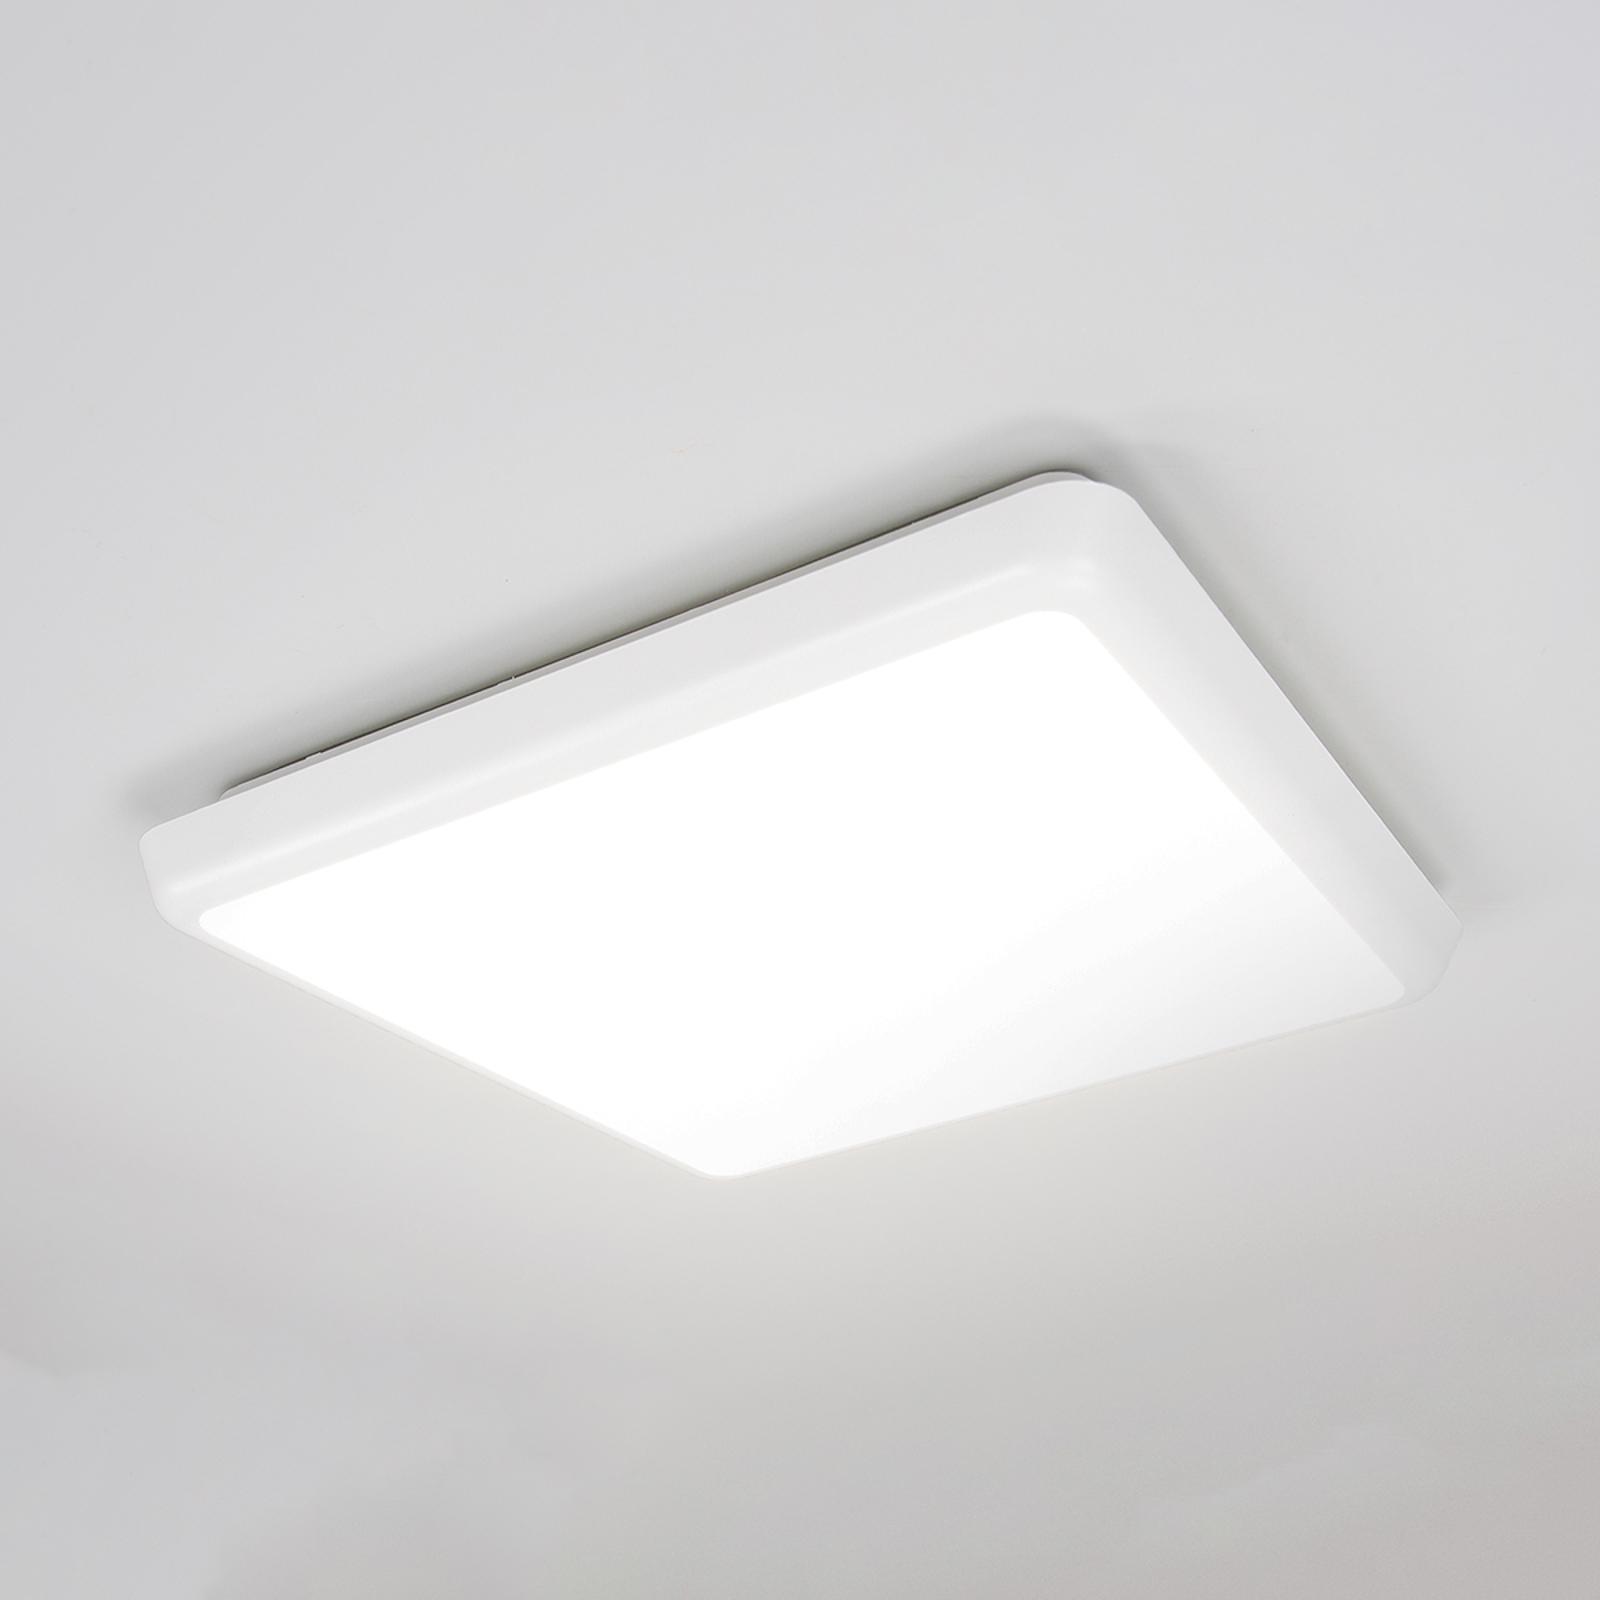 Schlichte Deckenleuchte Augustin mit LED, IP54